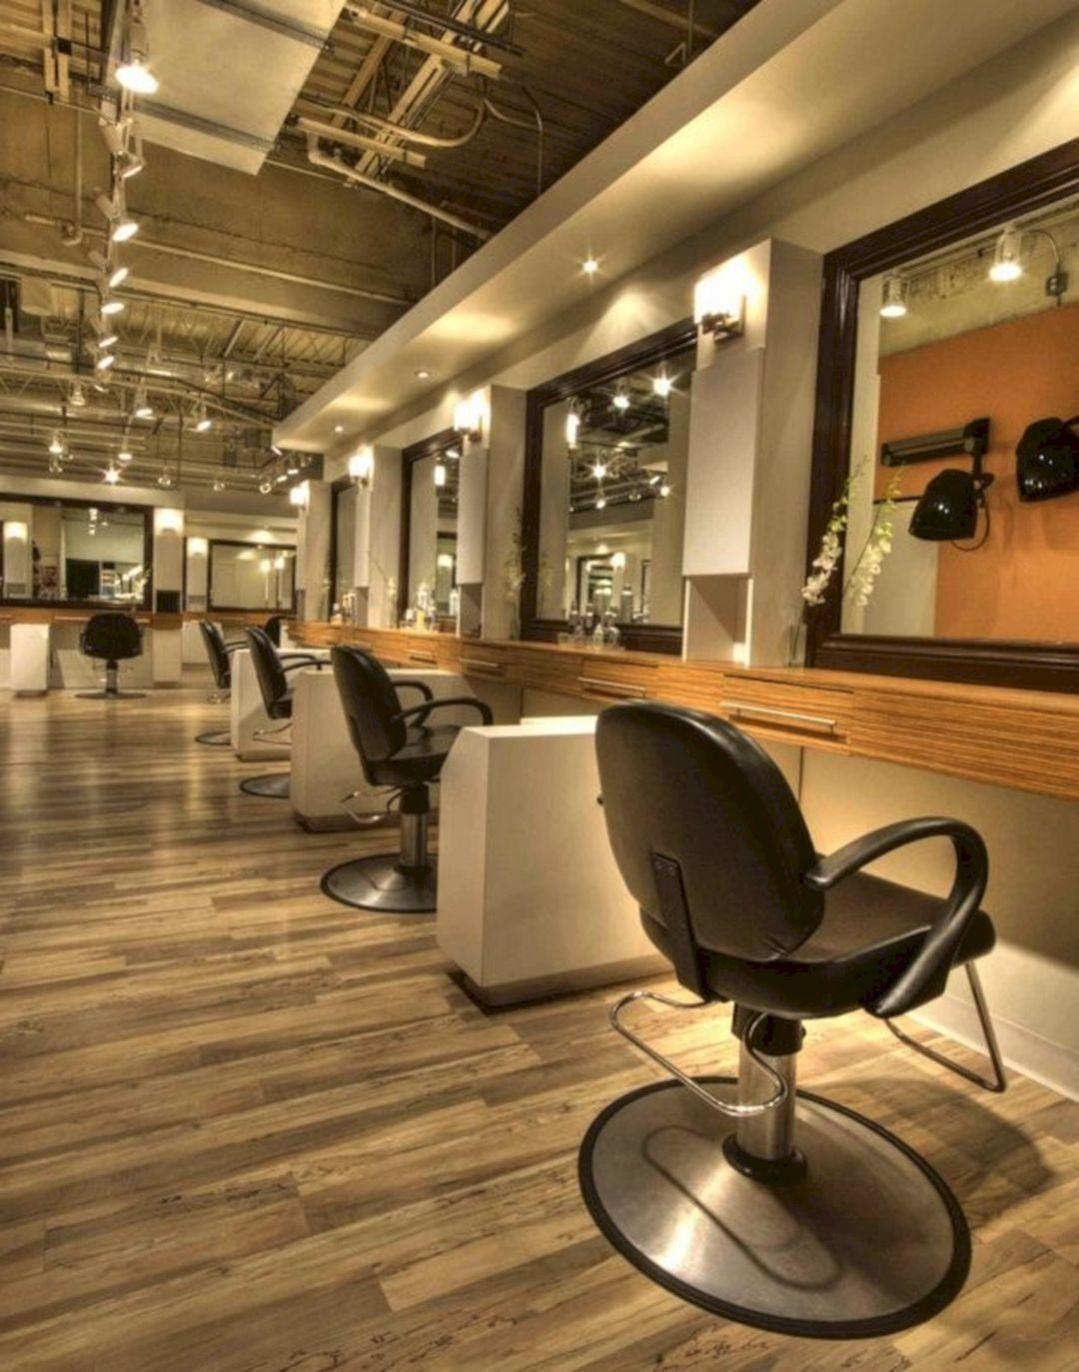 Hair Salon Interiors Designs Salondecoratingideas Kapsalon Interieur Kapsalon Inrichting Salon Inrichting